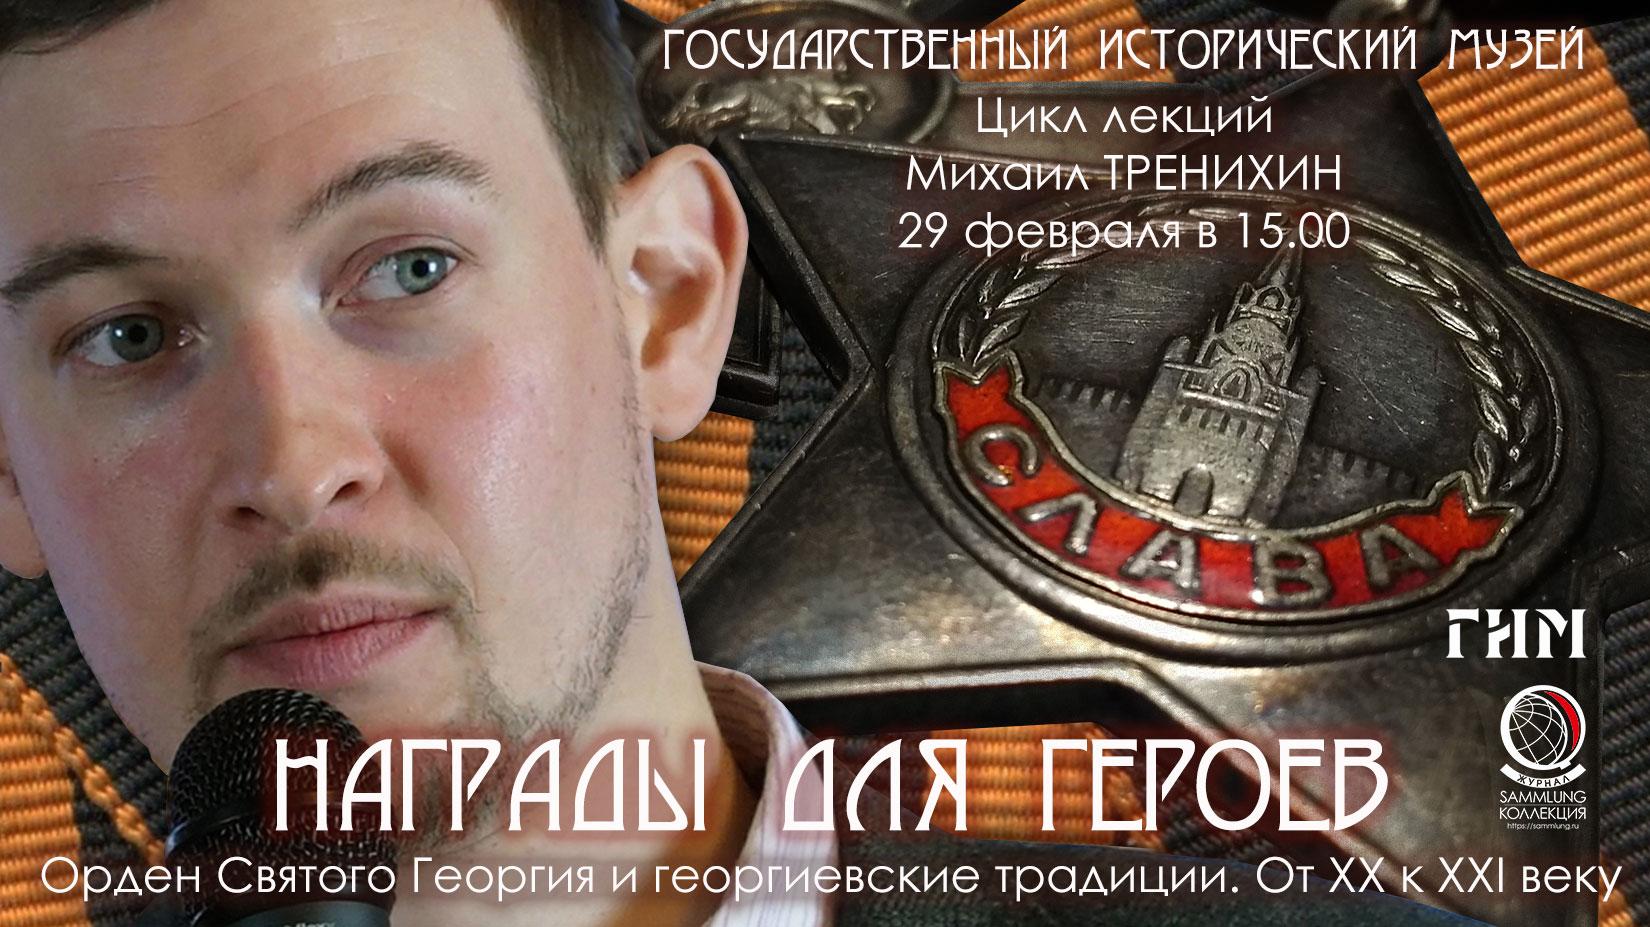 trenikhin-2020.02.14-ussr.jpg